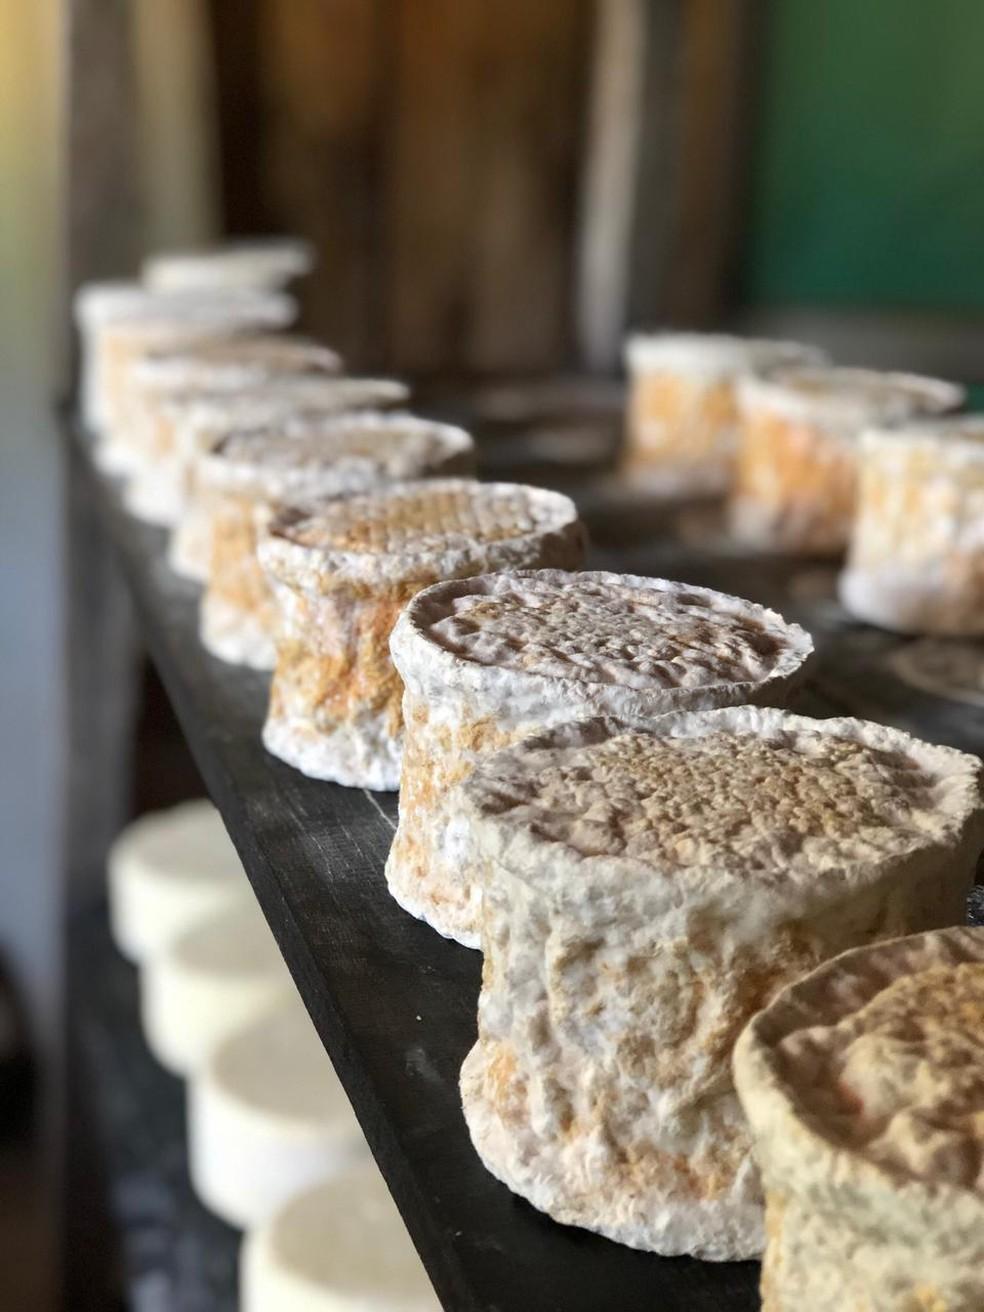 Produção Maria Nunes no quarto de queijo. — Foto: Arquivo pessoal.